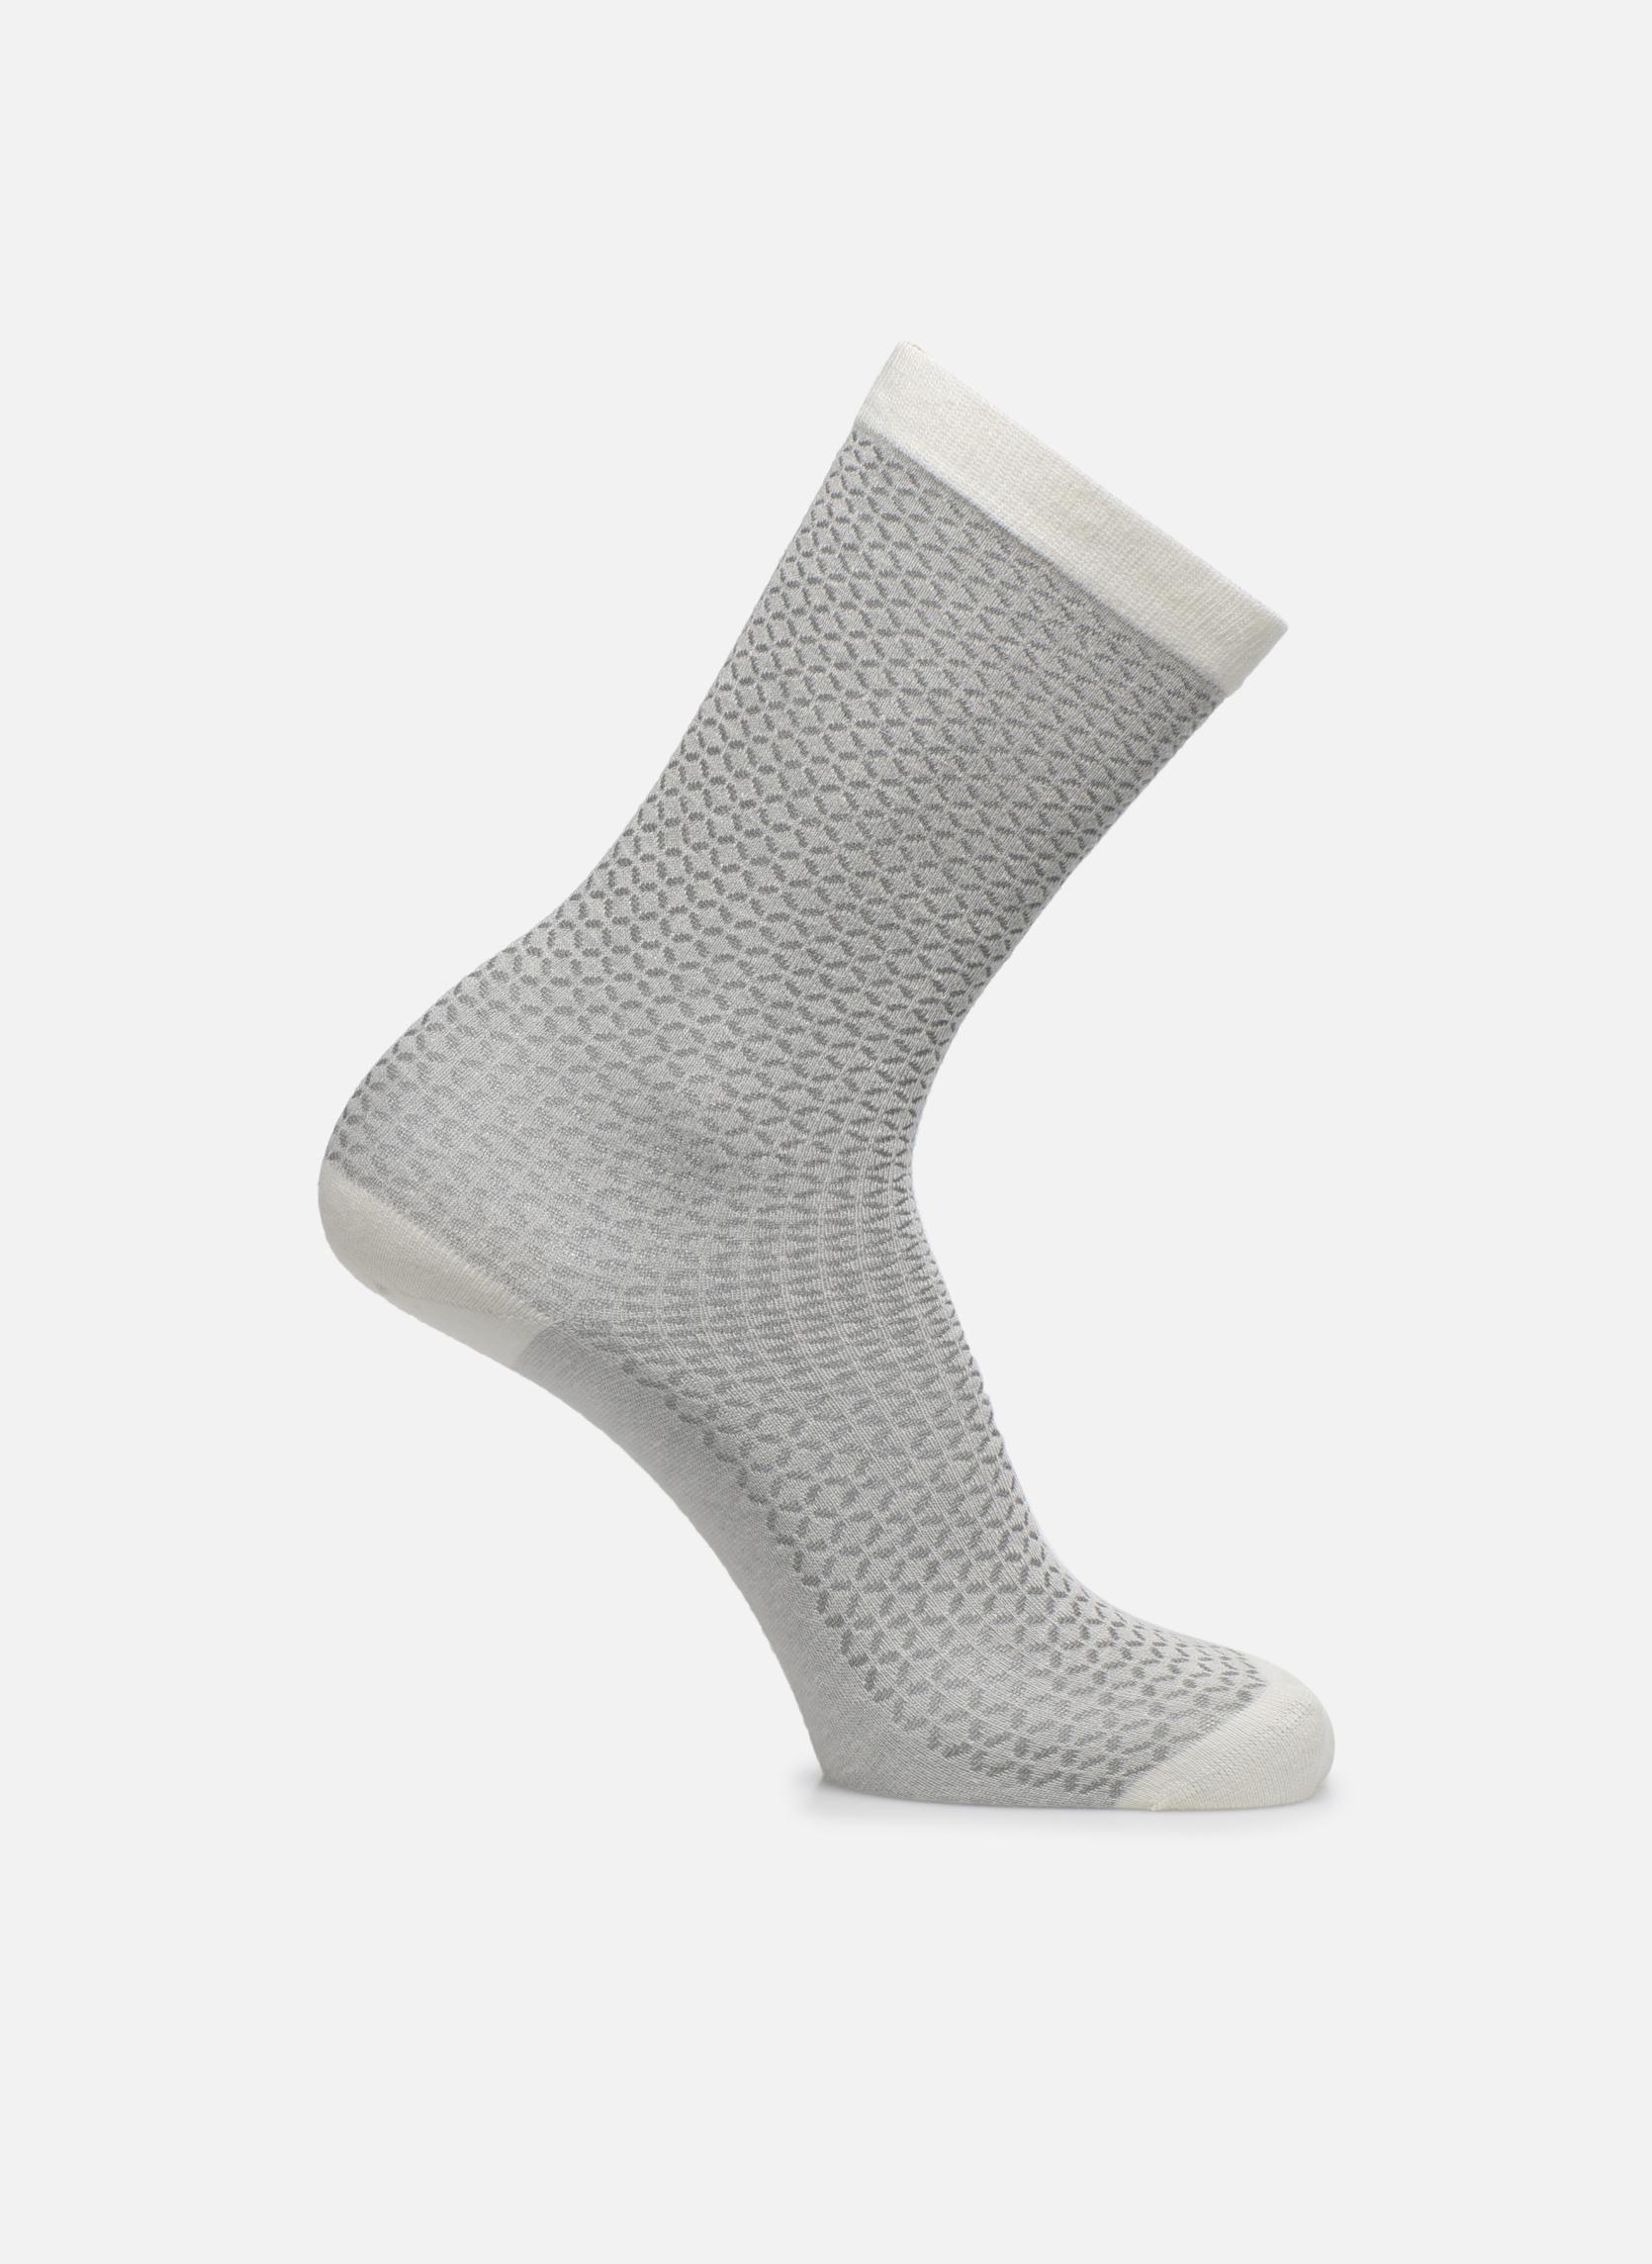 Chaussettes et collants Doré Doré Chaussettes Femme Soft angora Losanges ajourés Blanc vue détail/paire